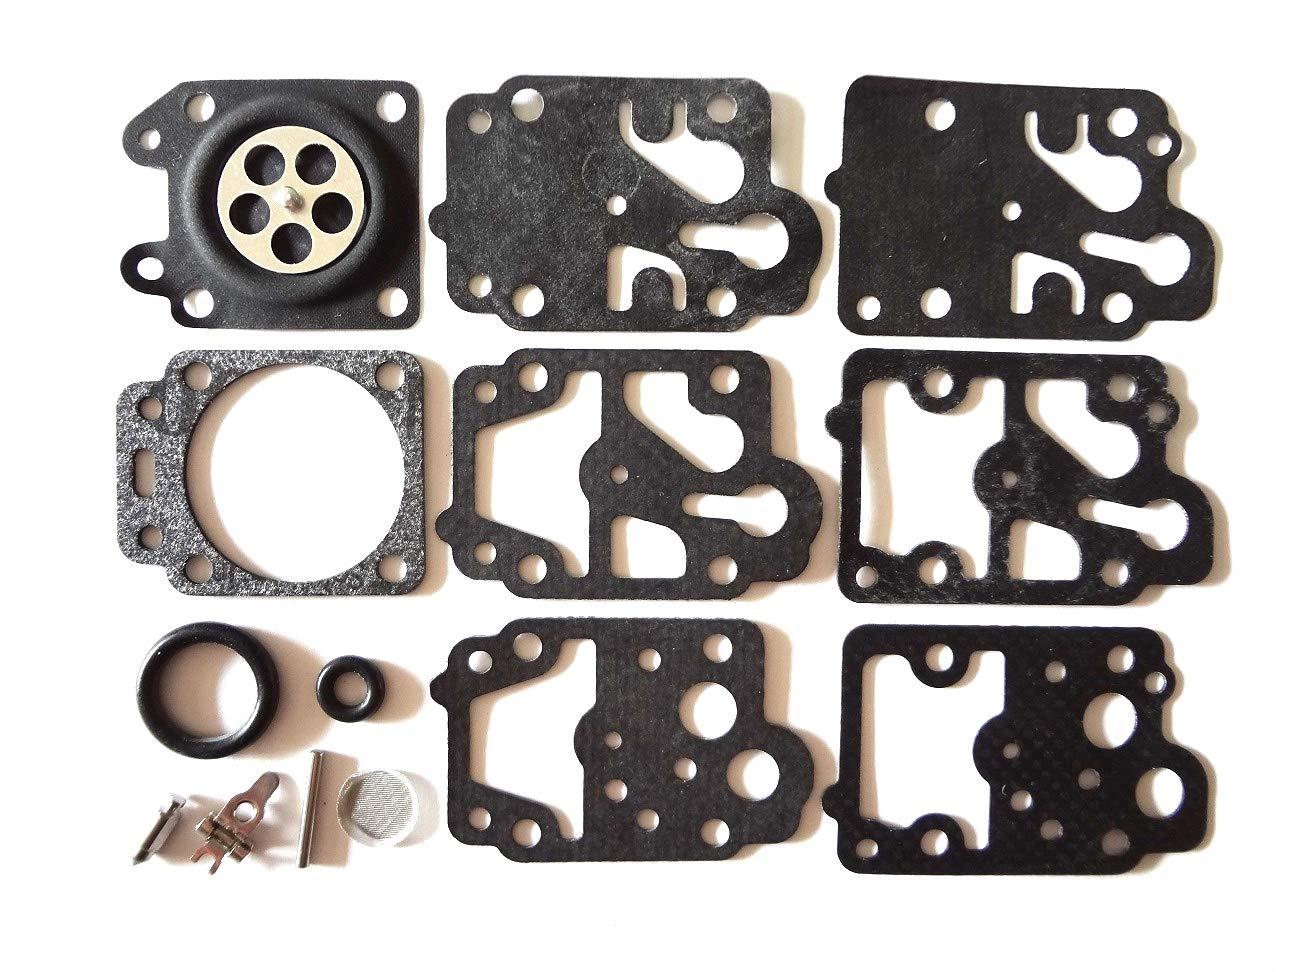 Kit de reparación y reconstrucción de carburador C·T·S que ...